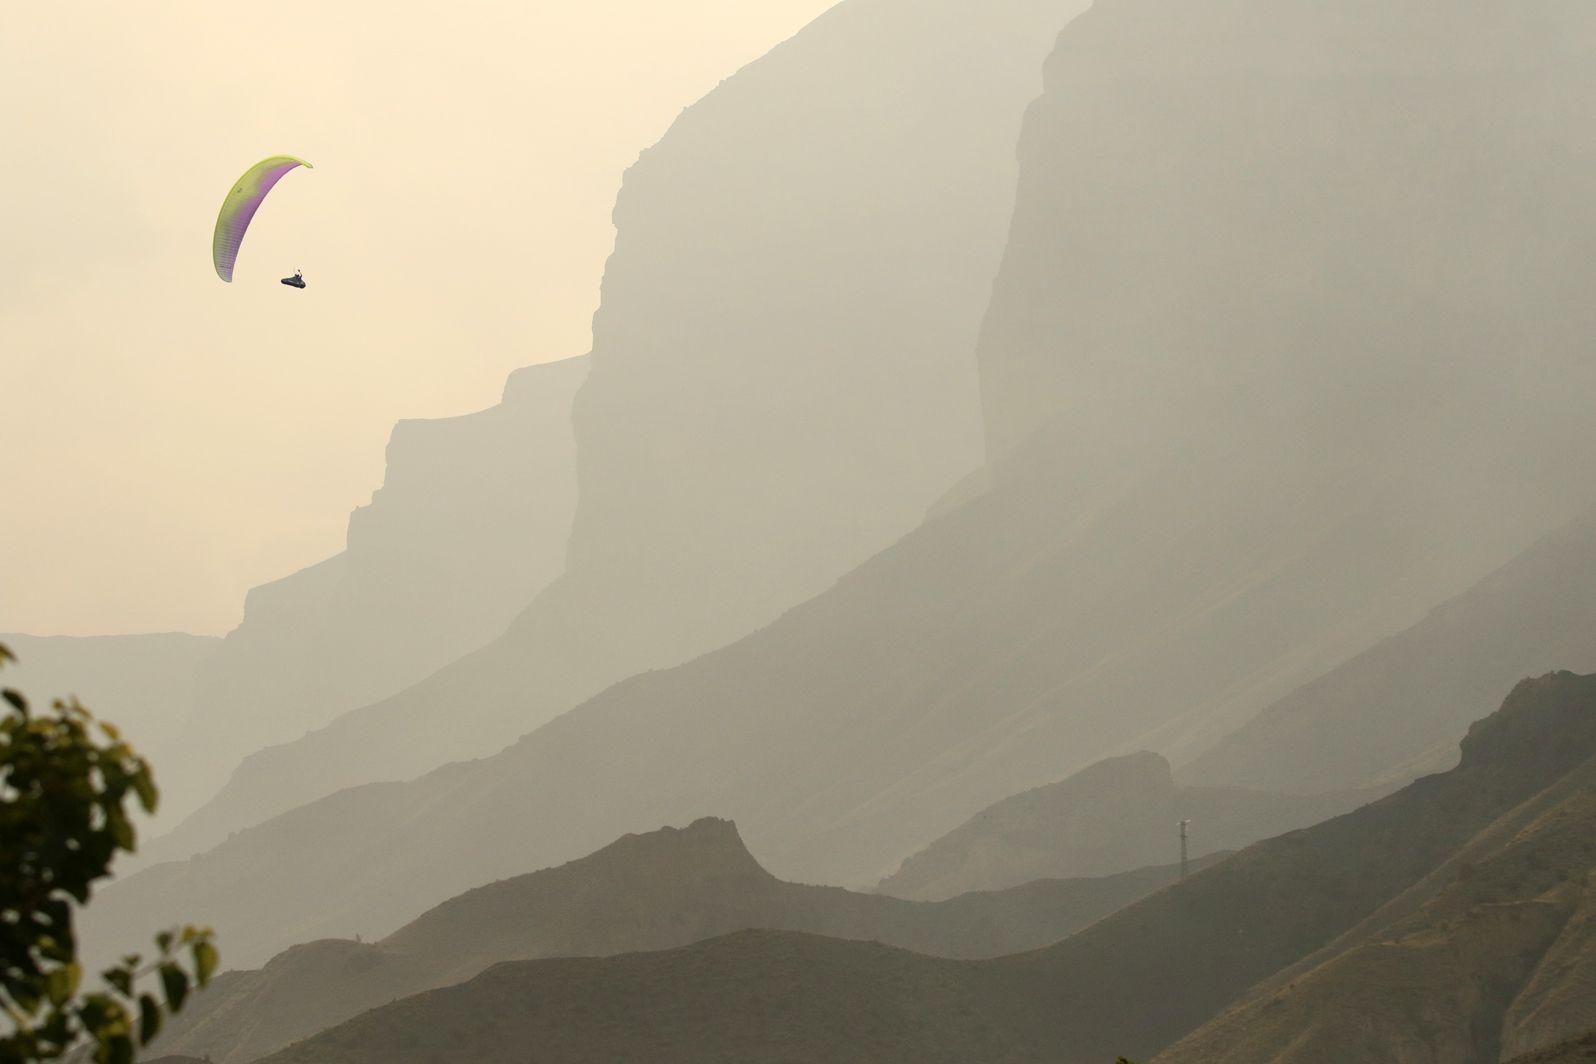 парапланеристы,природа,горы,дагестан,кавказ,северный кавказ, Magov Marat